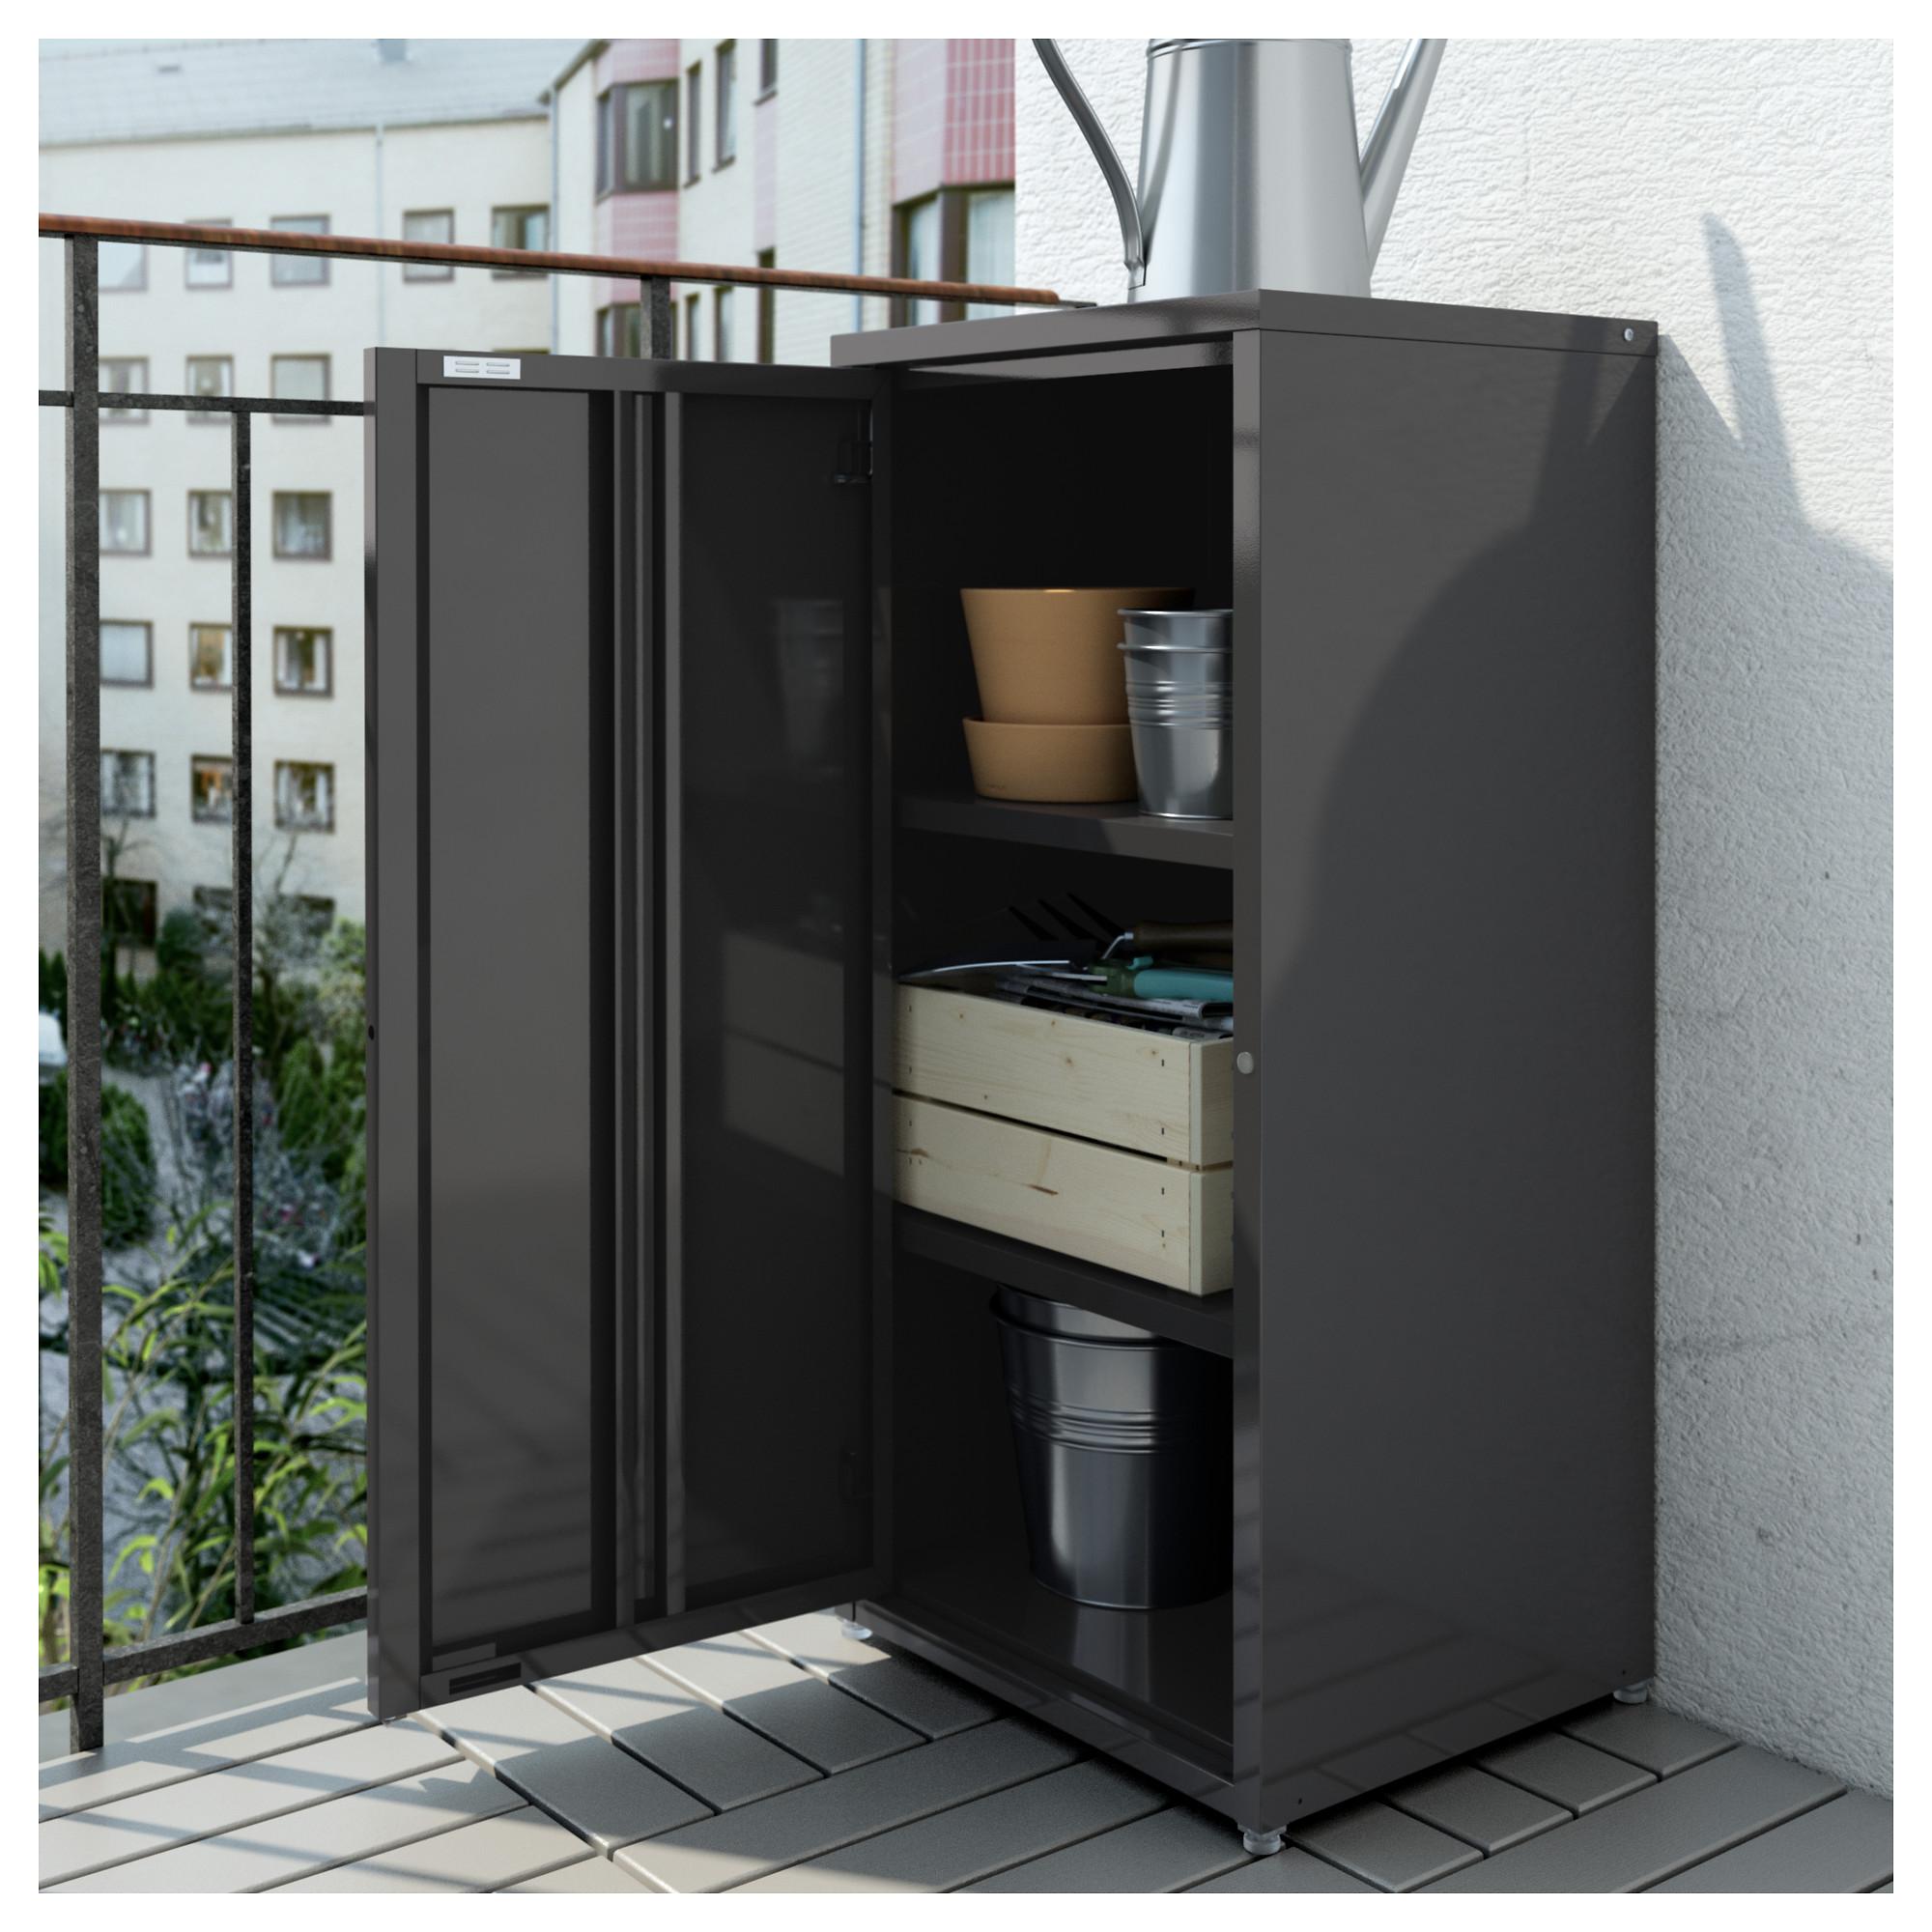 Full Size of Ikea Hauswirtschaftsraum Planen Küche Kosten Miniküche Kaufen Kleines Bad Badezimmer Betten Bei Sofa Mit Schlaffunktion Selber Kostenlos Online Modulküche Wohnzimmer Ikea Hauswirtschaftsraum Planen